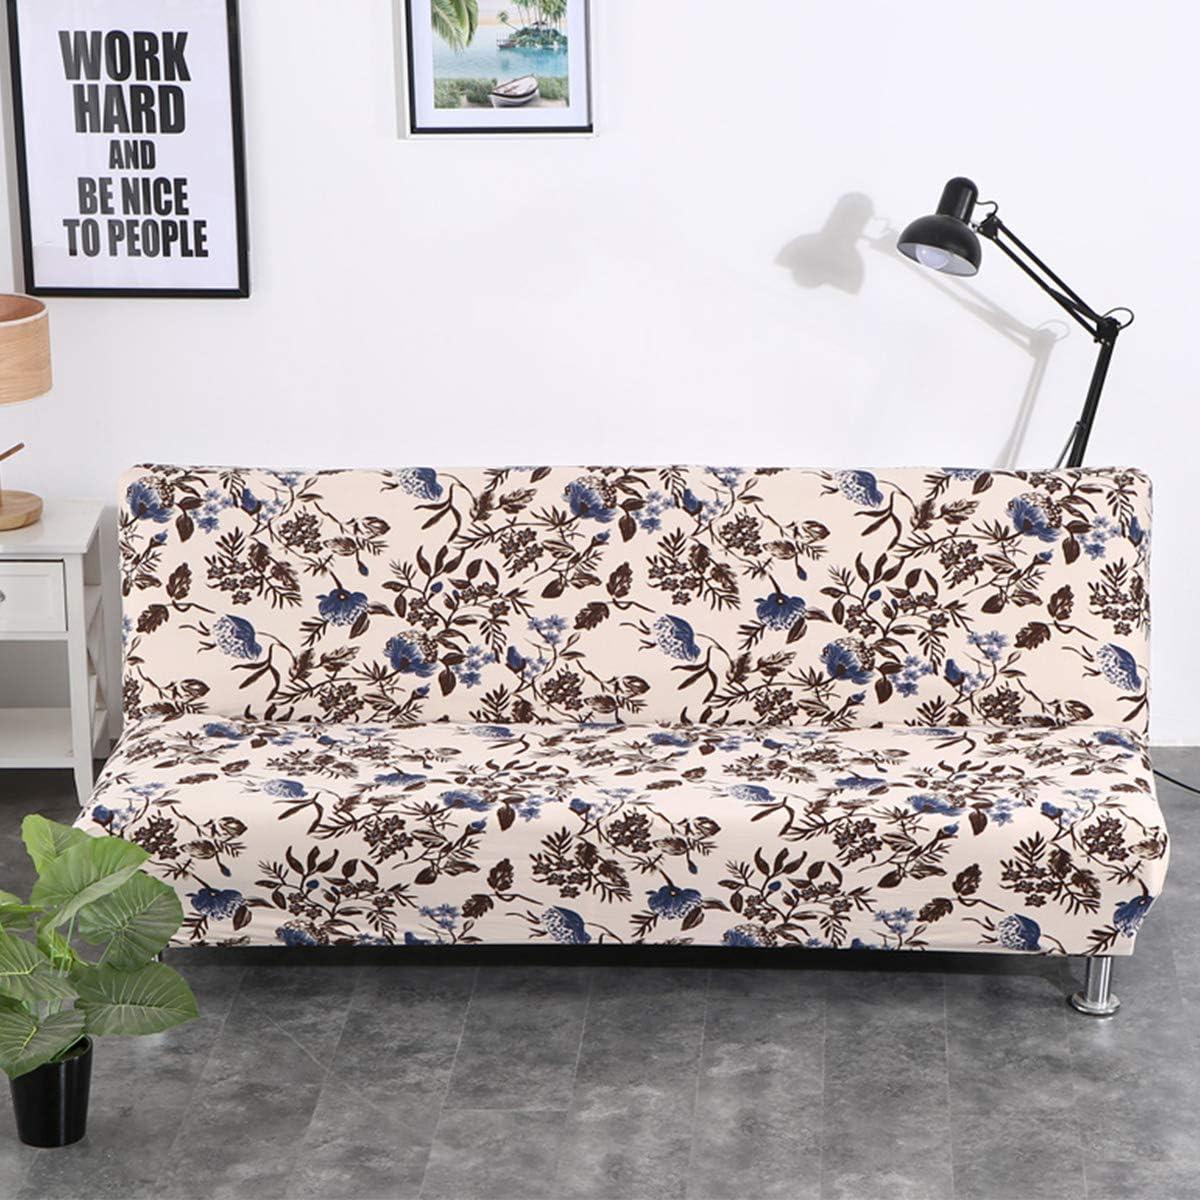 VanderHome Housse de Clic Clac Housse de Canap/é Elastique Banquette lit Couverture de Impression Florale Clematis